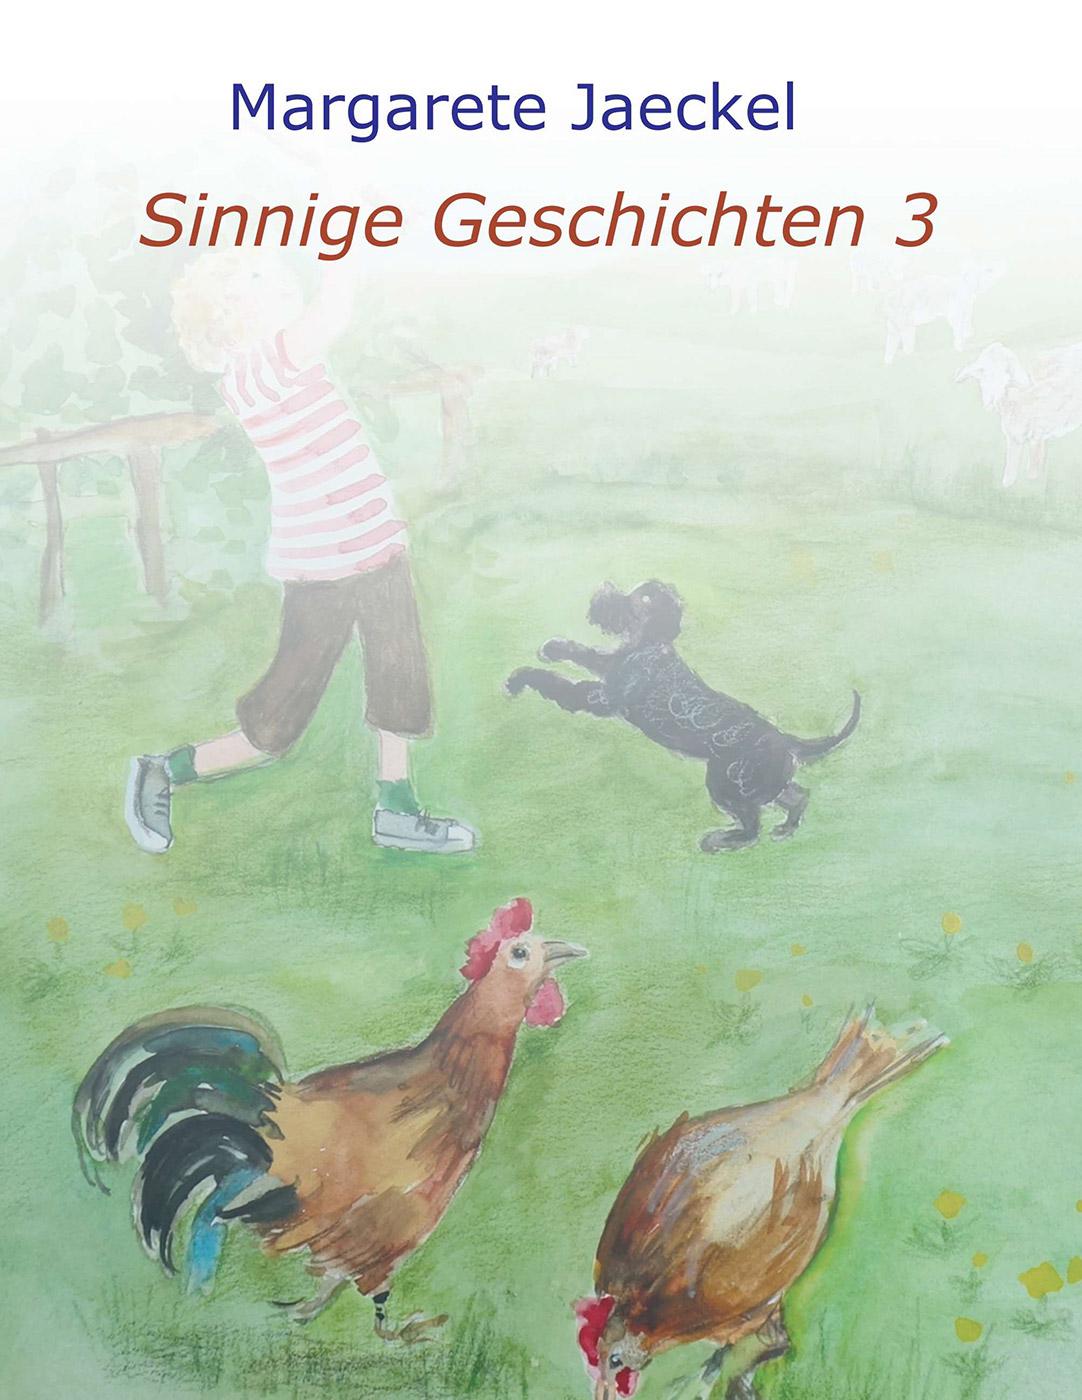 Sammelband 3 | Sinnige Geschichten Margarete Jaeckel | Illustrationen: S. Ledendecker & Eva-Maria Johannes